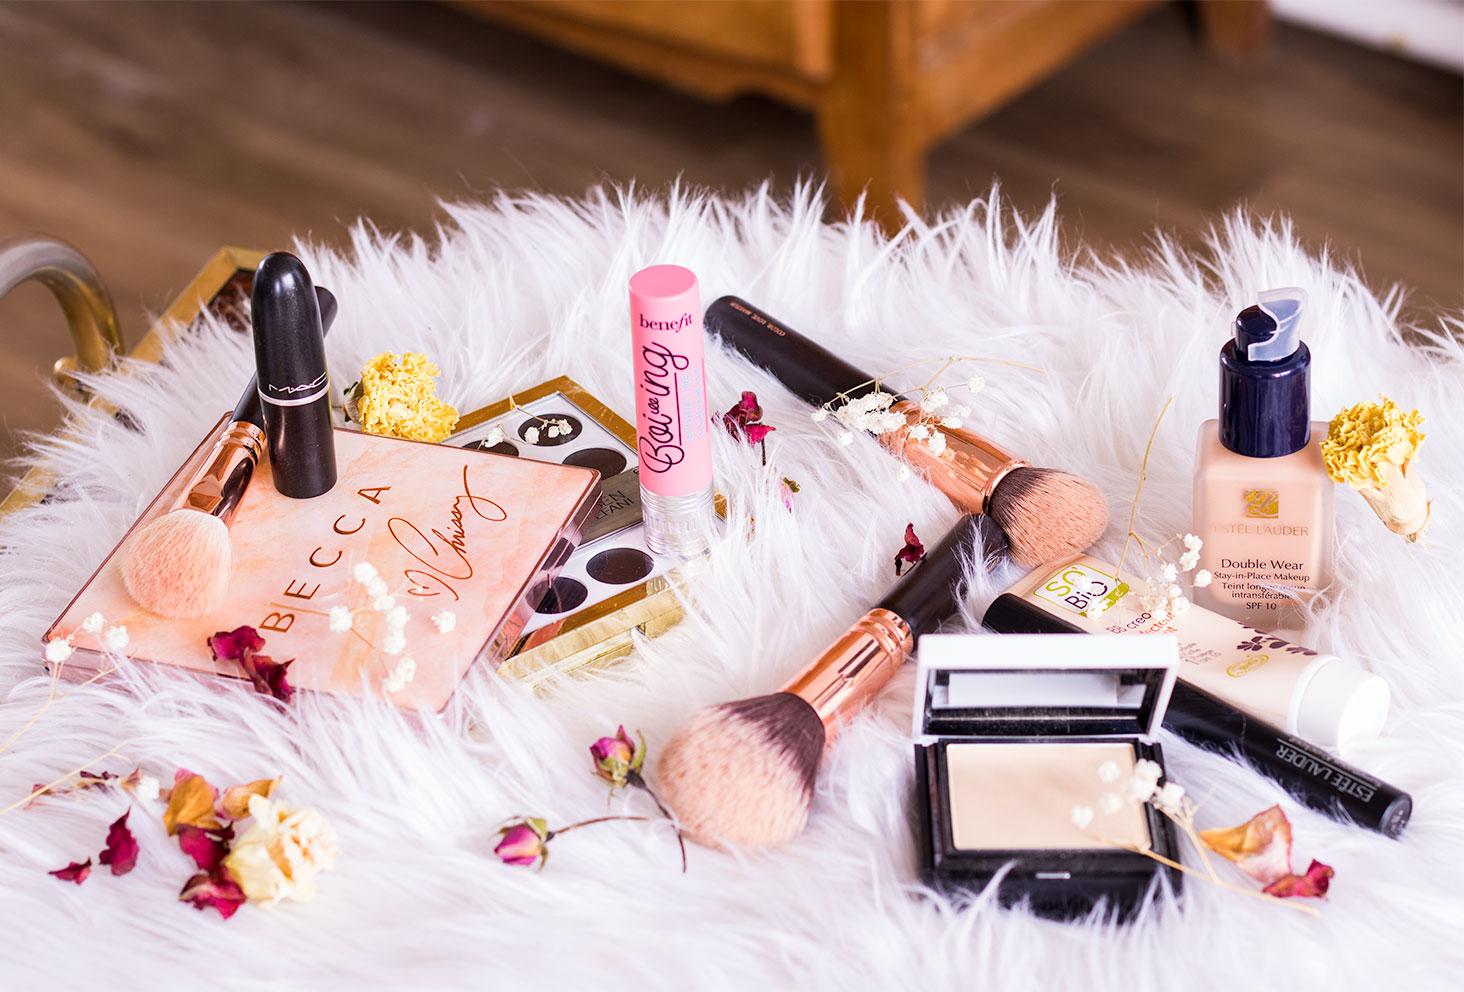 Ensemble du maquillage nécessaire à la réalisation de mon favorite make-up, posé sur un tapis blanc au milieu des fleurs séchées